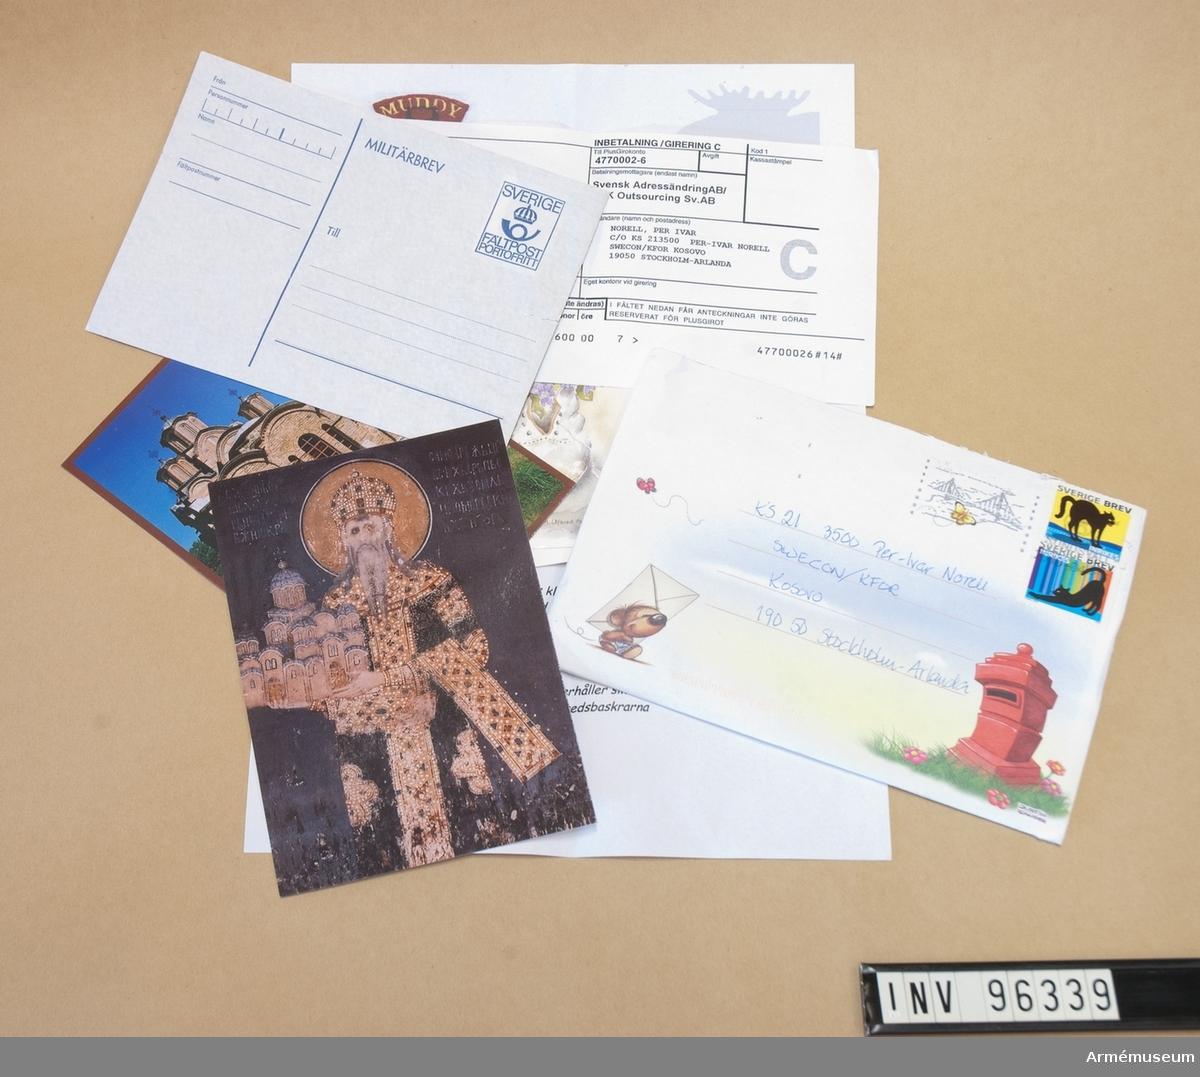 En bunt med korrespondens bestående av sammanlagt 9 stycken vykort och brev.